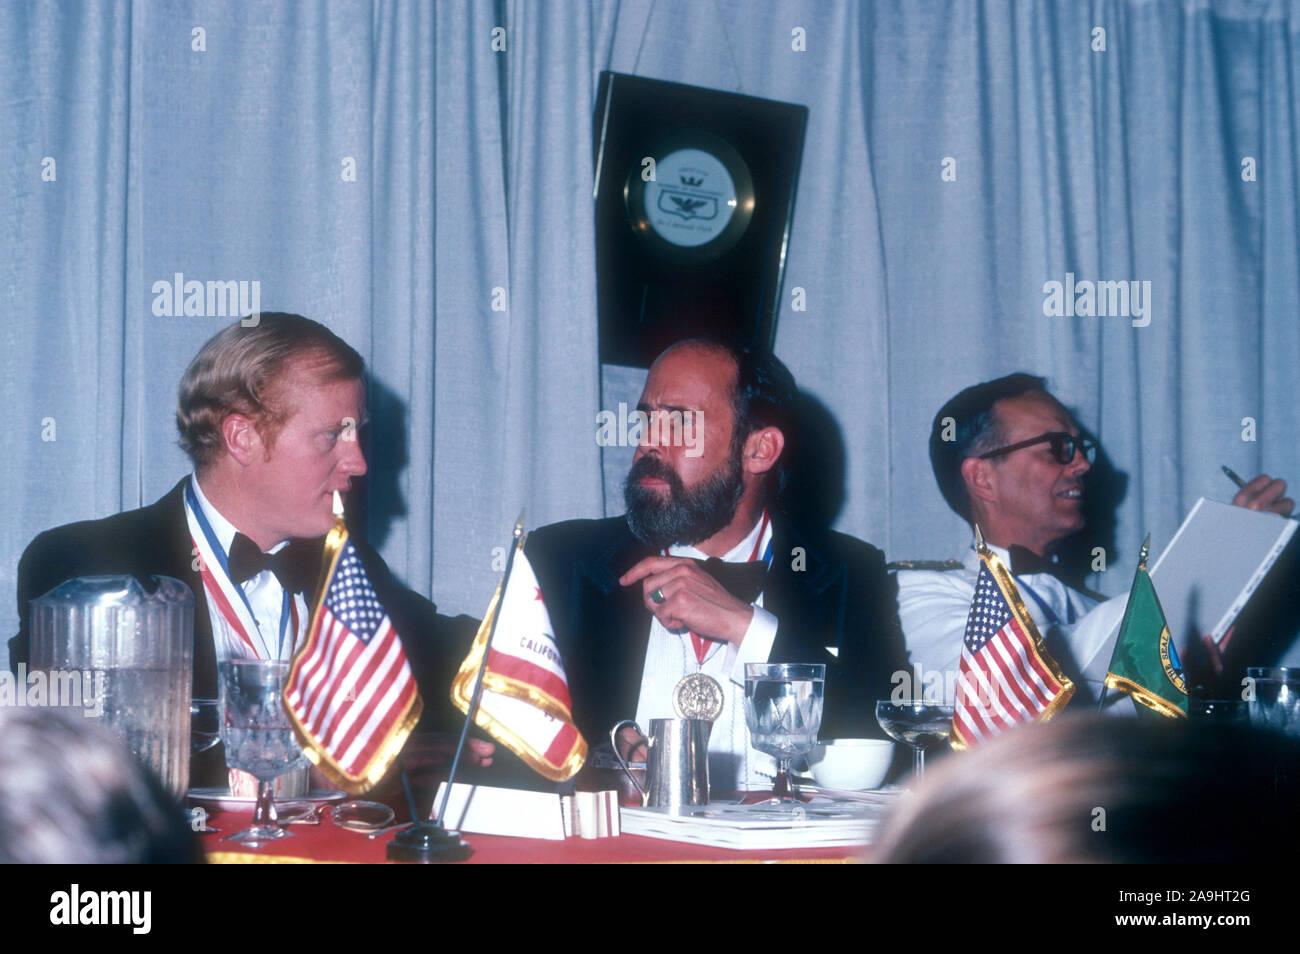 NEW ORLEANS, LA - 24 DE JUNIO: Michael R. Harrison, Huedeson y Bobby R. Inman sentarse en una mesa durante 1982 la Academia de Logros Premios placa de oro el 24 de junio de 1982 en Nueva Orleans, Luisiana. (Foto por Hy Peskin) *** Local Caption *** Michael R. Harrison;Huedeson;Bobby R. Inman Foto de stock